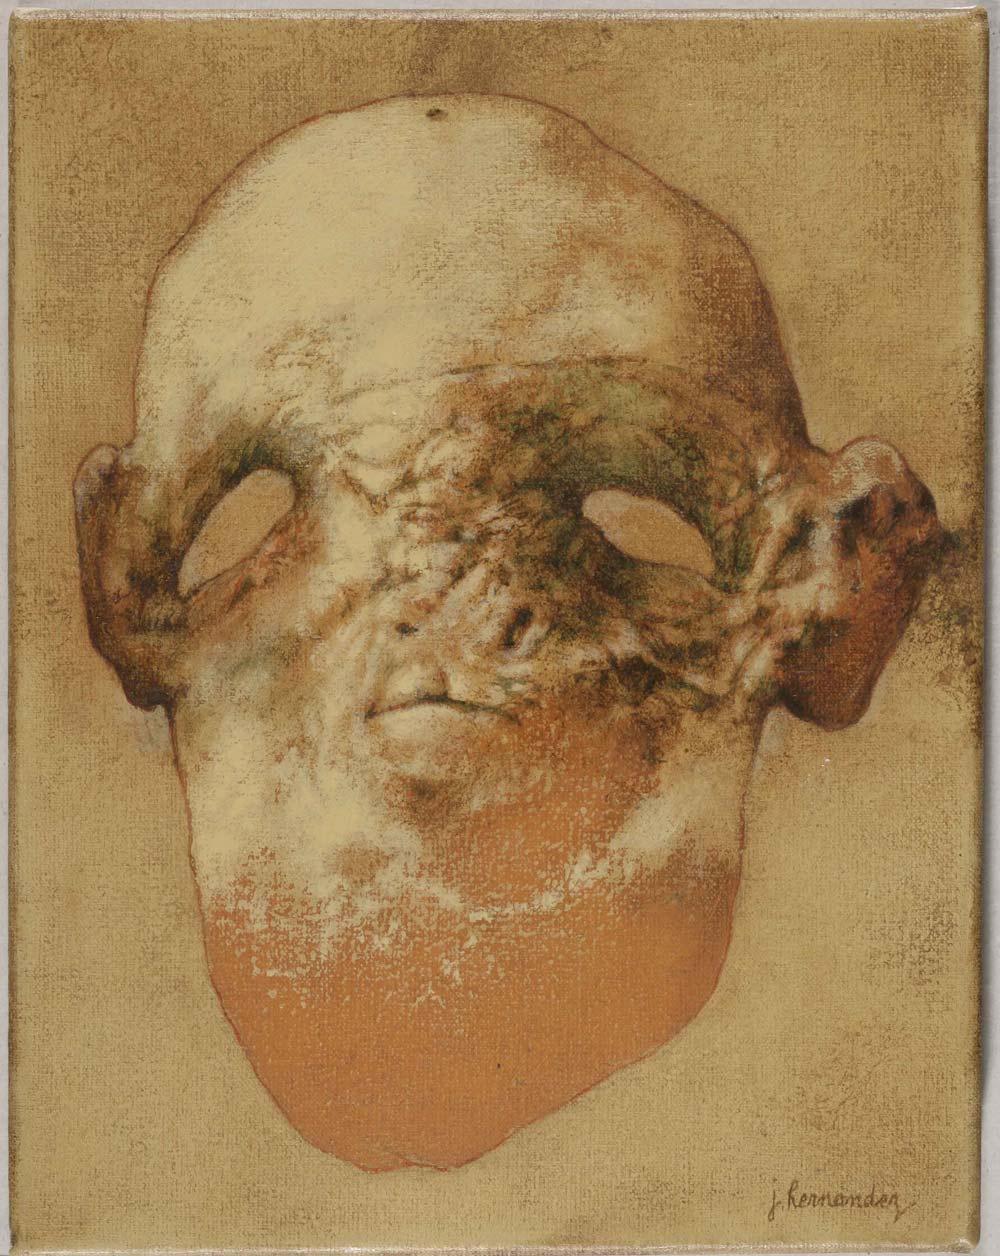 Jose Hernandez. Mask IV